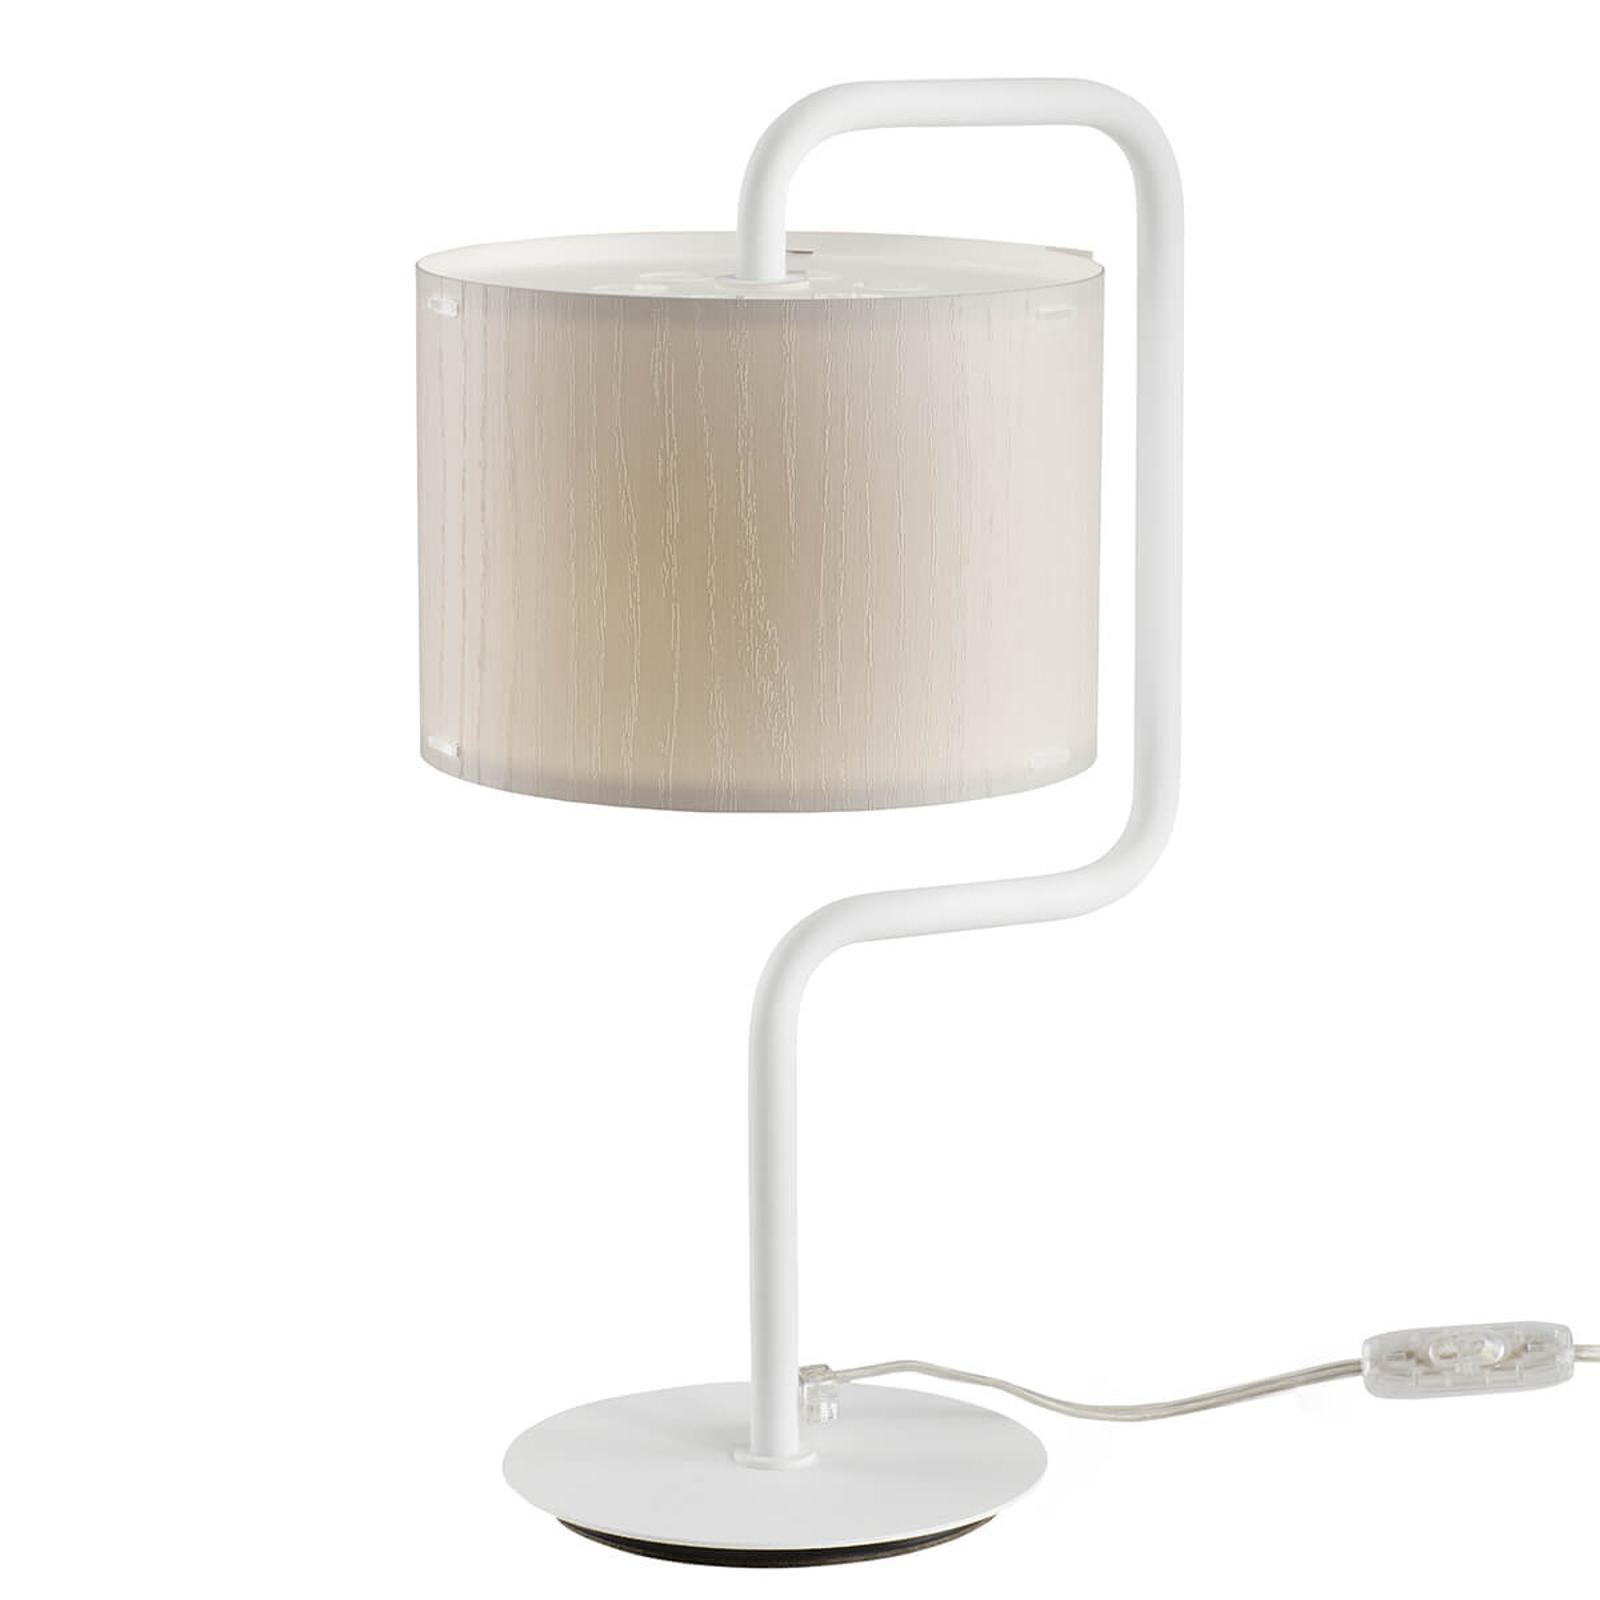 Tafellamp Morfeo kap kunststof crème